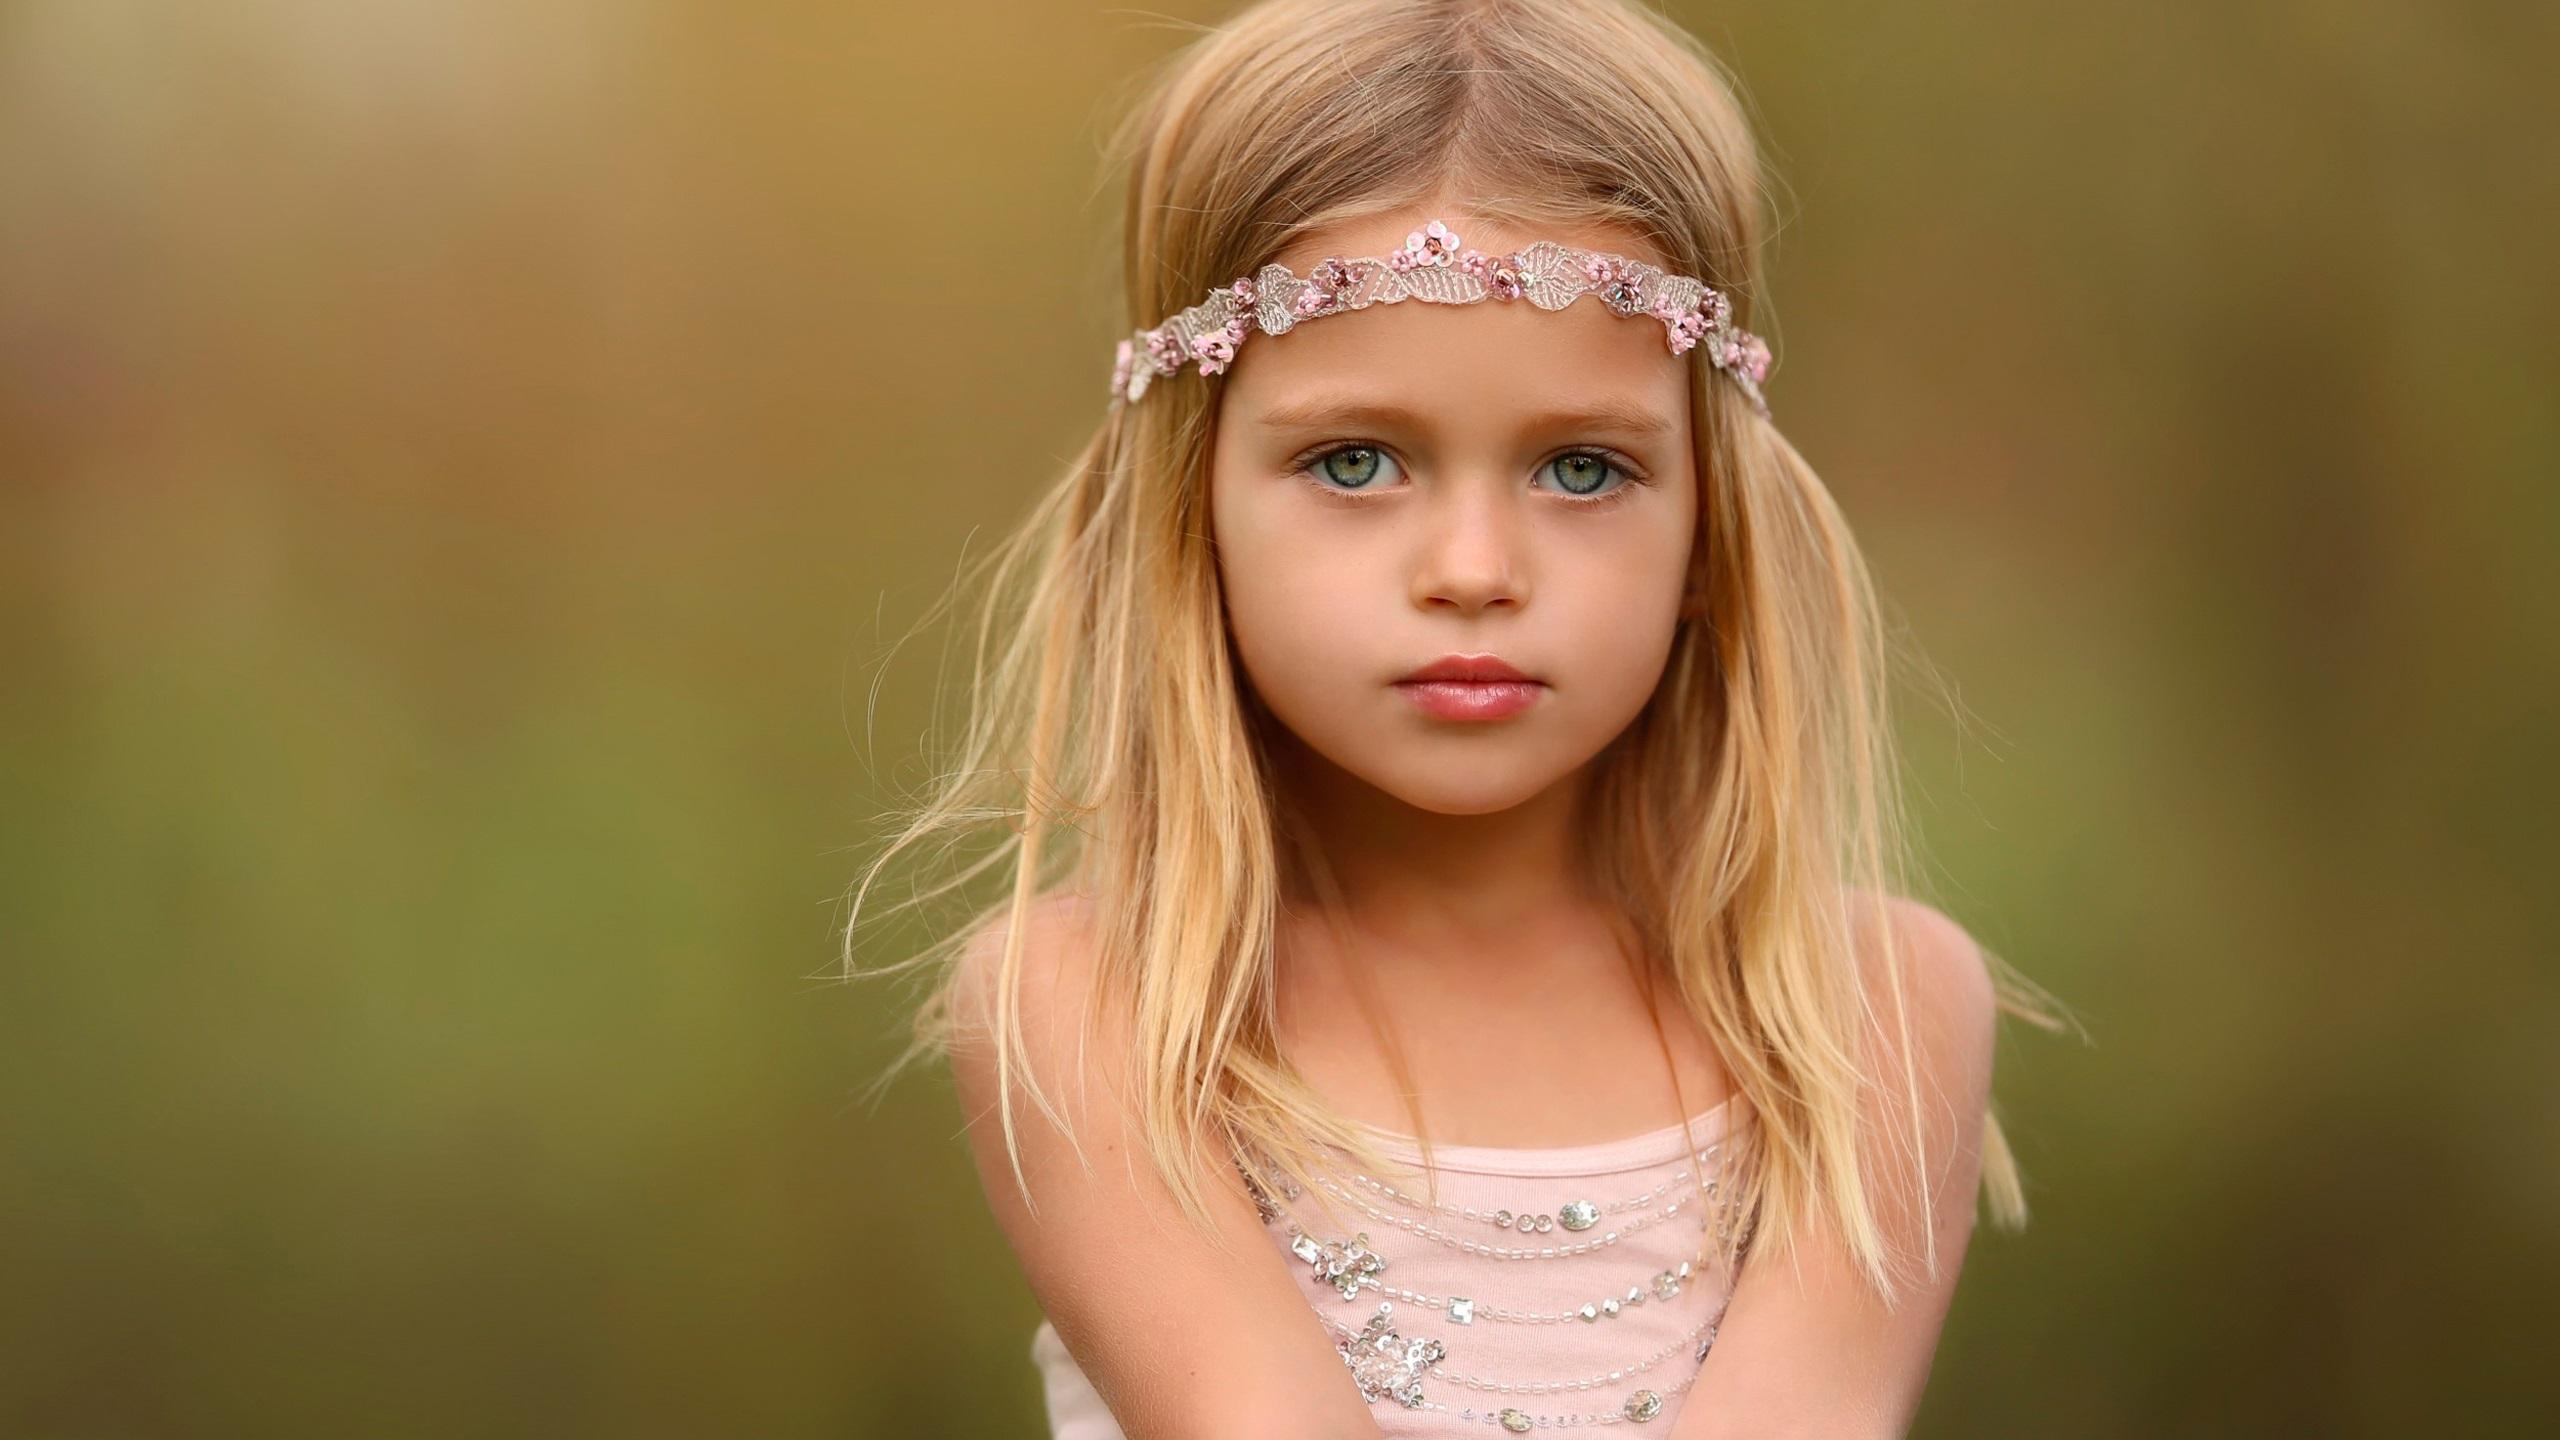 かわいい女の子、肖像画、ブロンド 壁紙 2560x1440